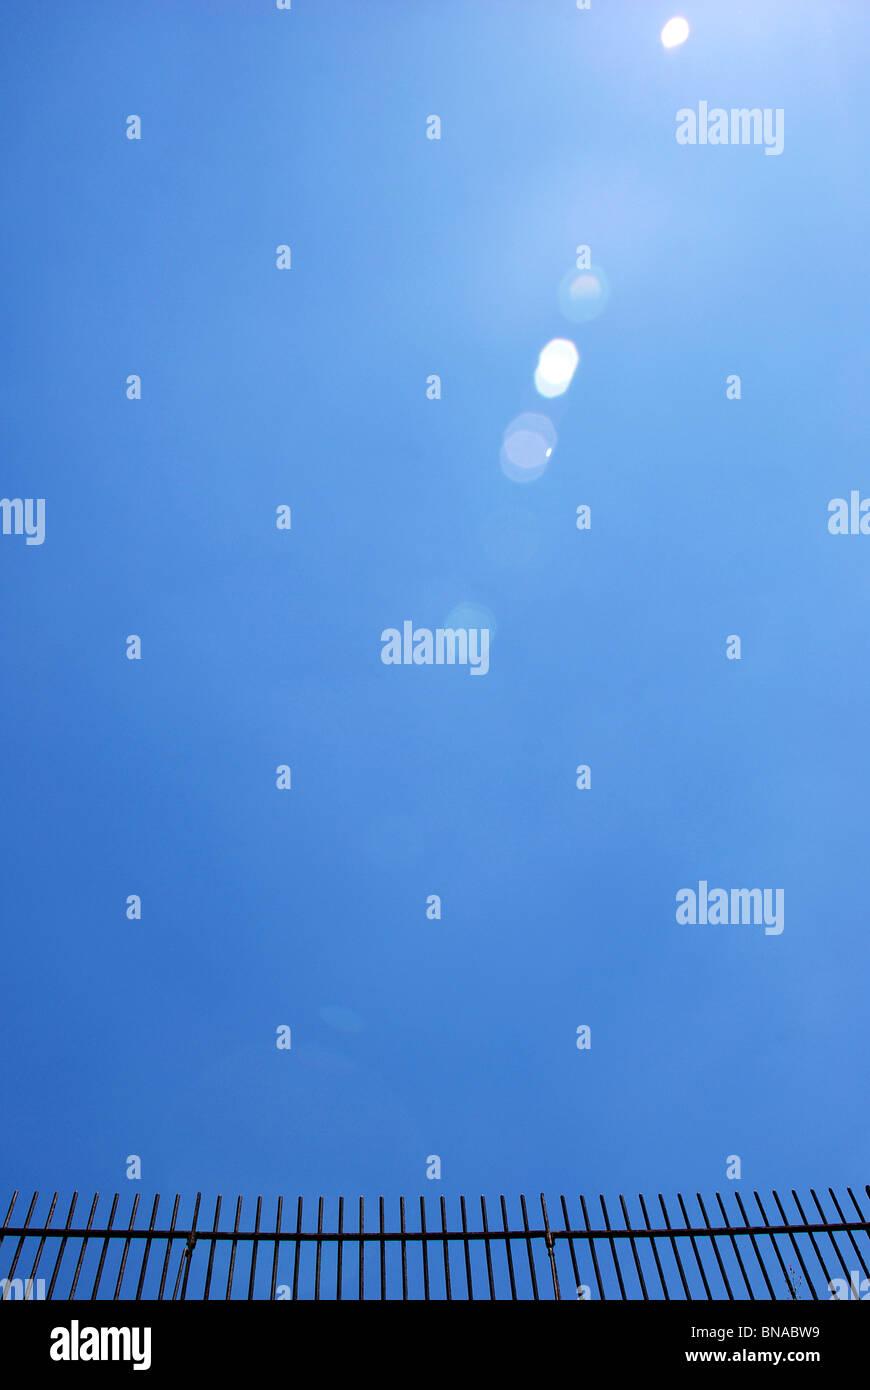 Cercas de hierro forjado, con un cielo azul despejado, con los brillos de la lente Imagen De Stock